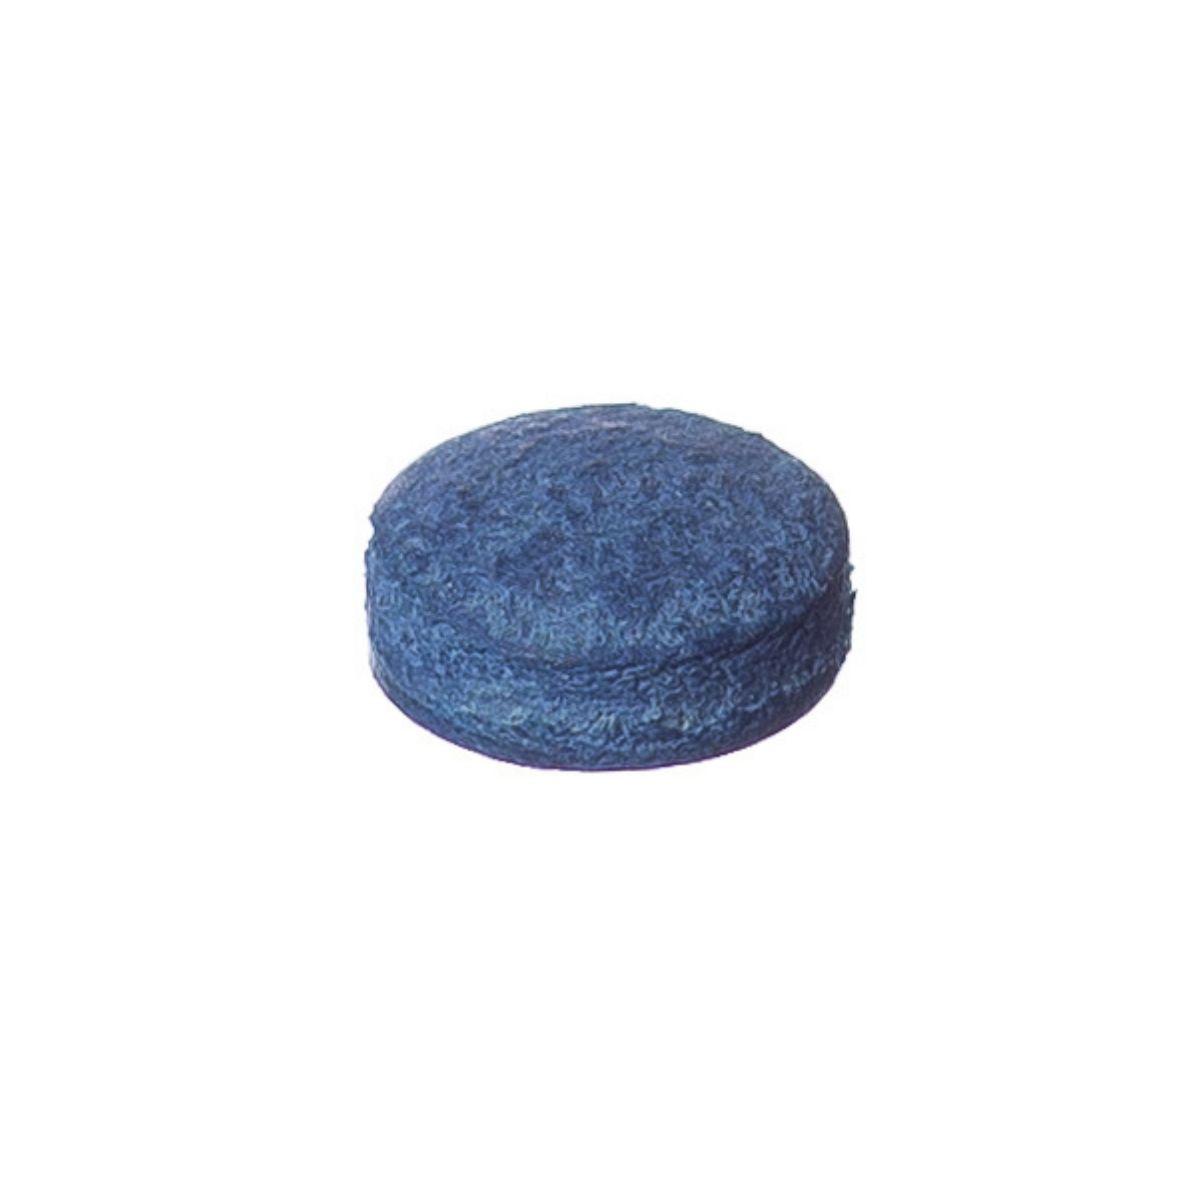 Sola de Couro Sapphire - Unidade